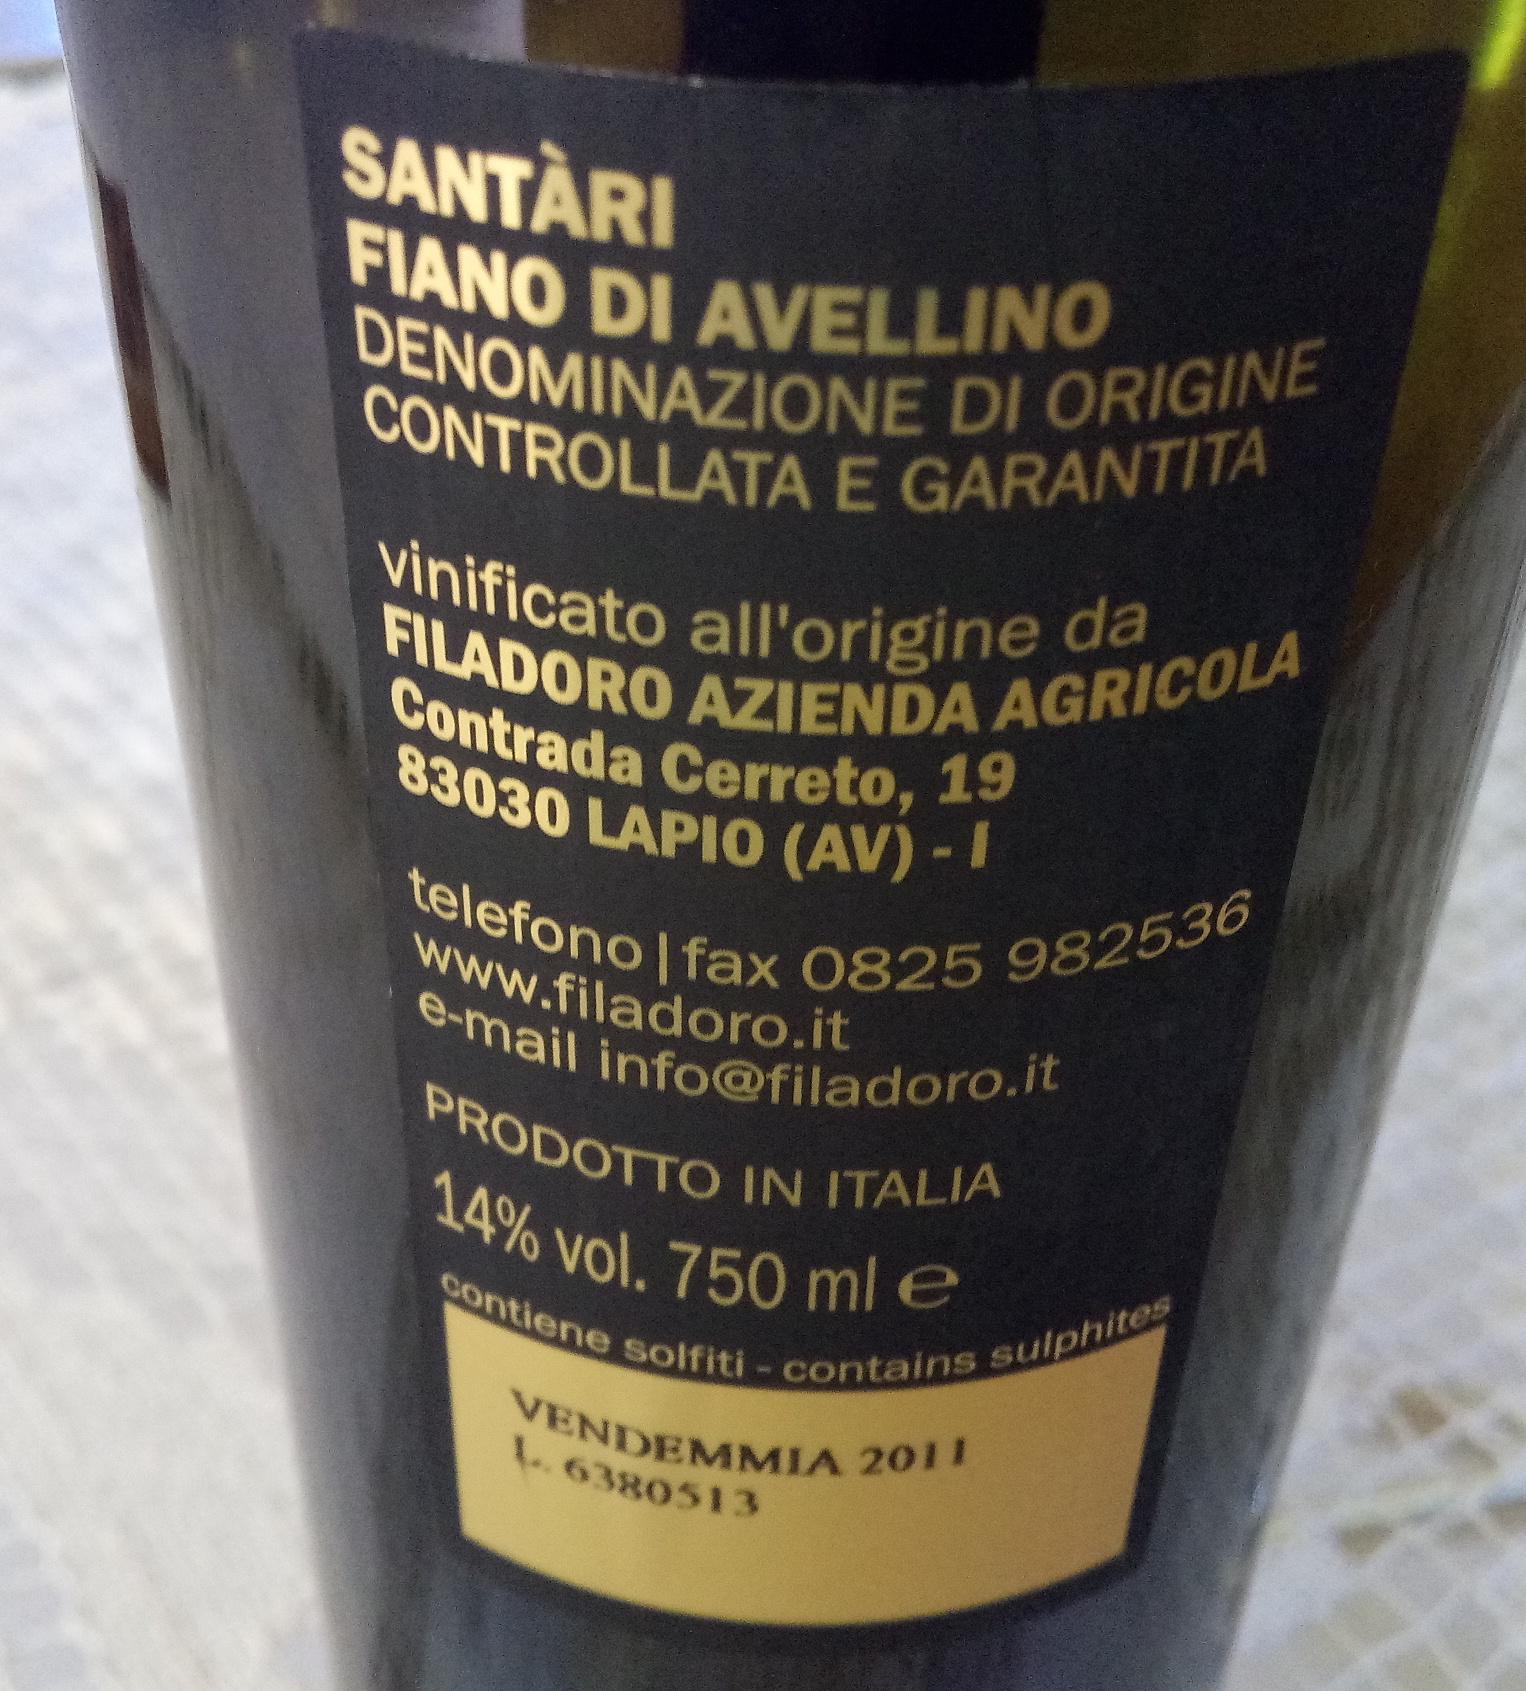 Controetichetta Santari Fiano di Avellino Dpcg 2011 Vincitore a Radici del Sud 2017